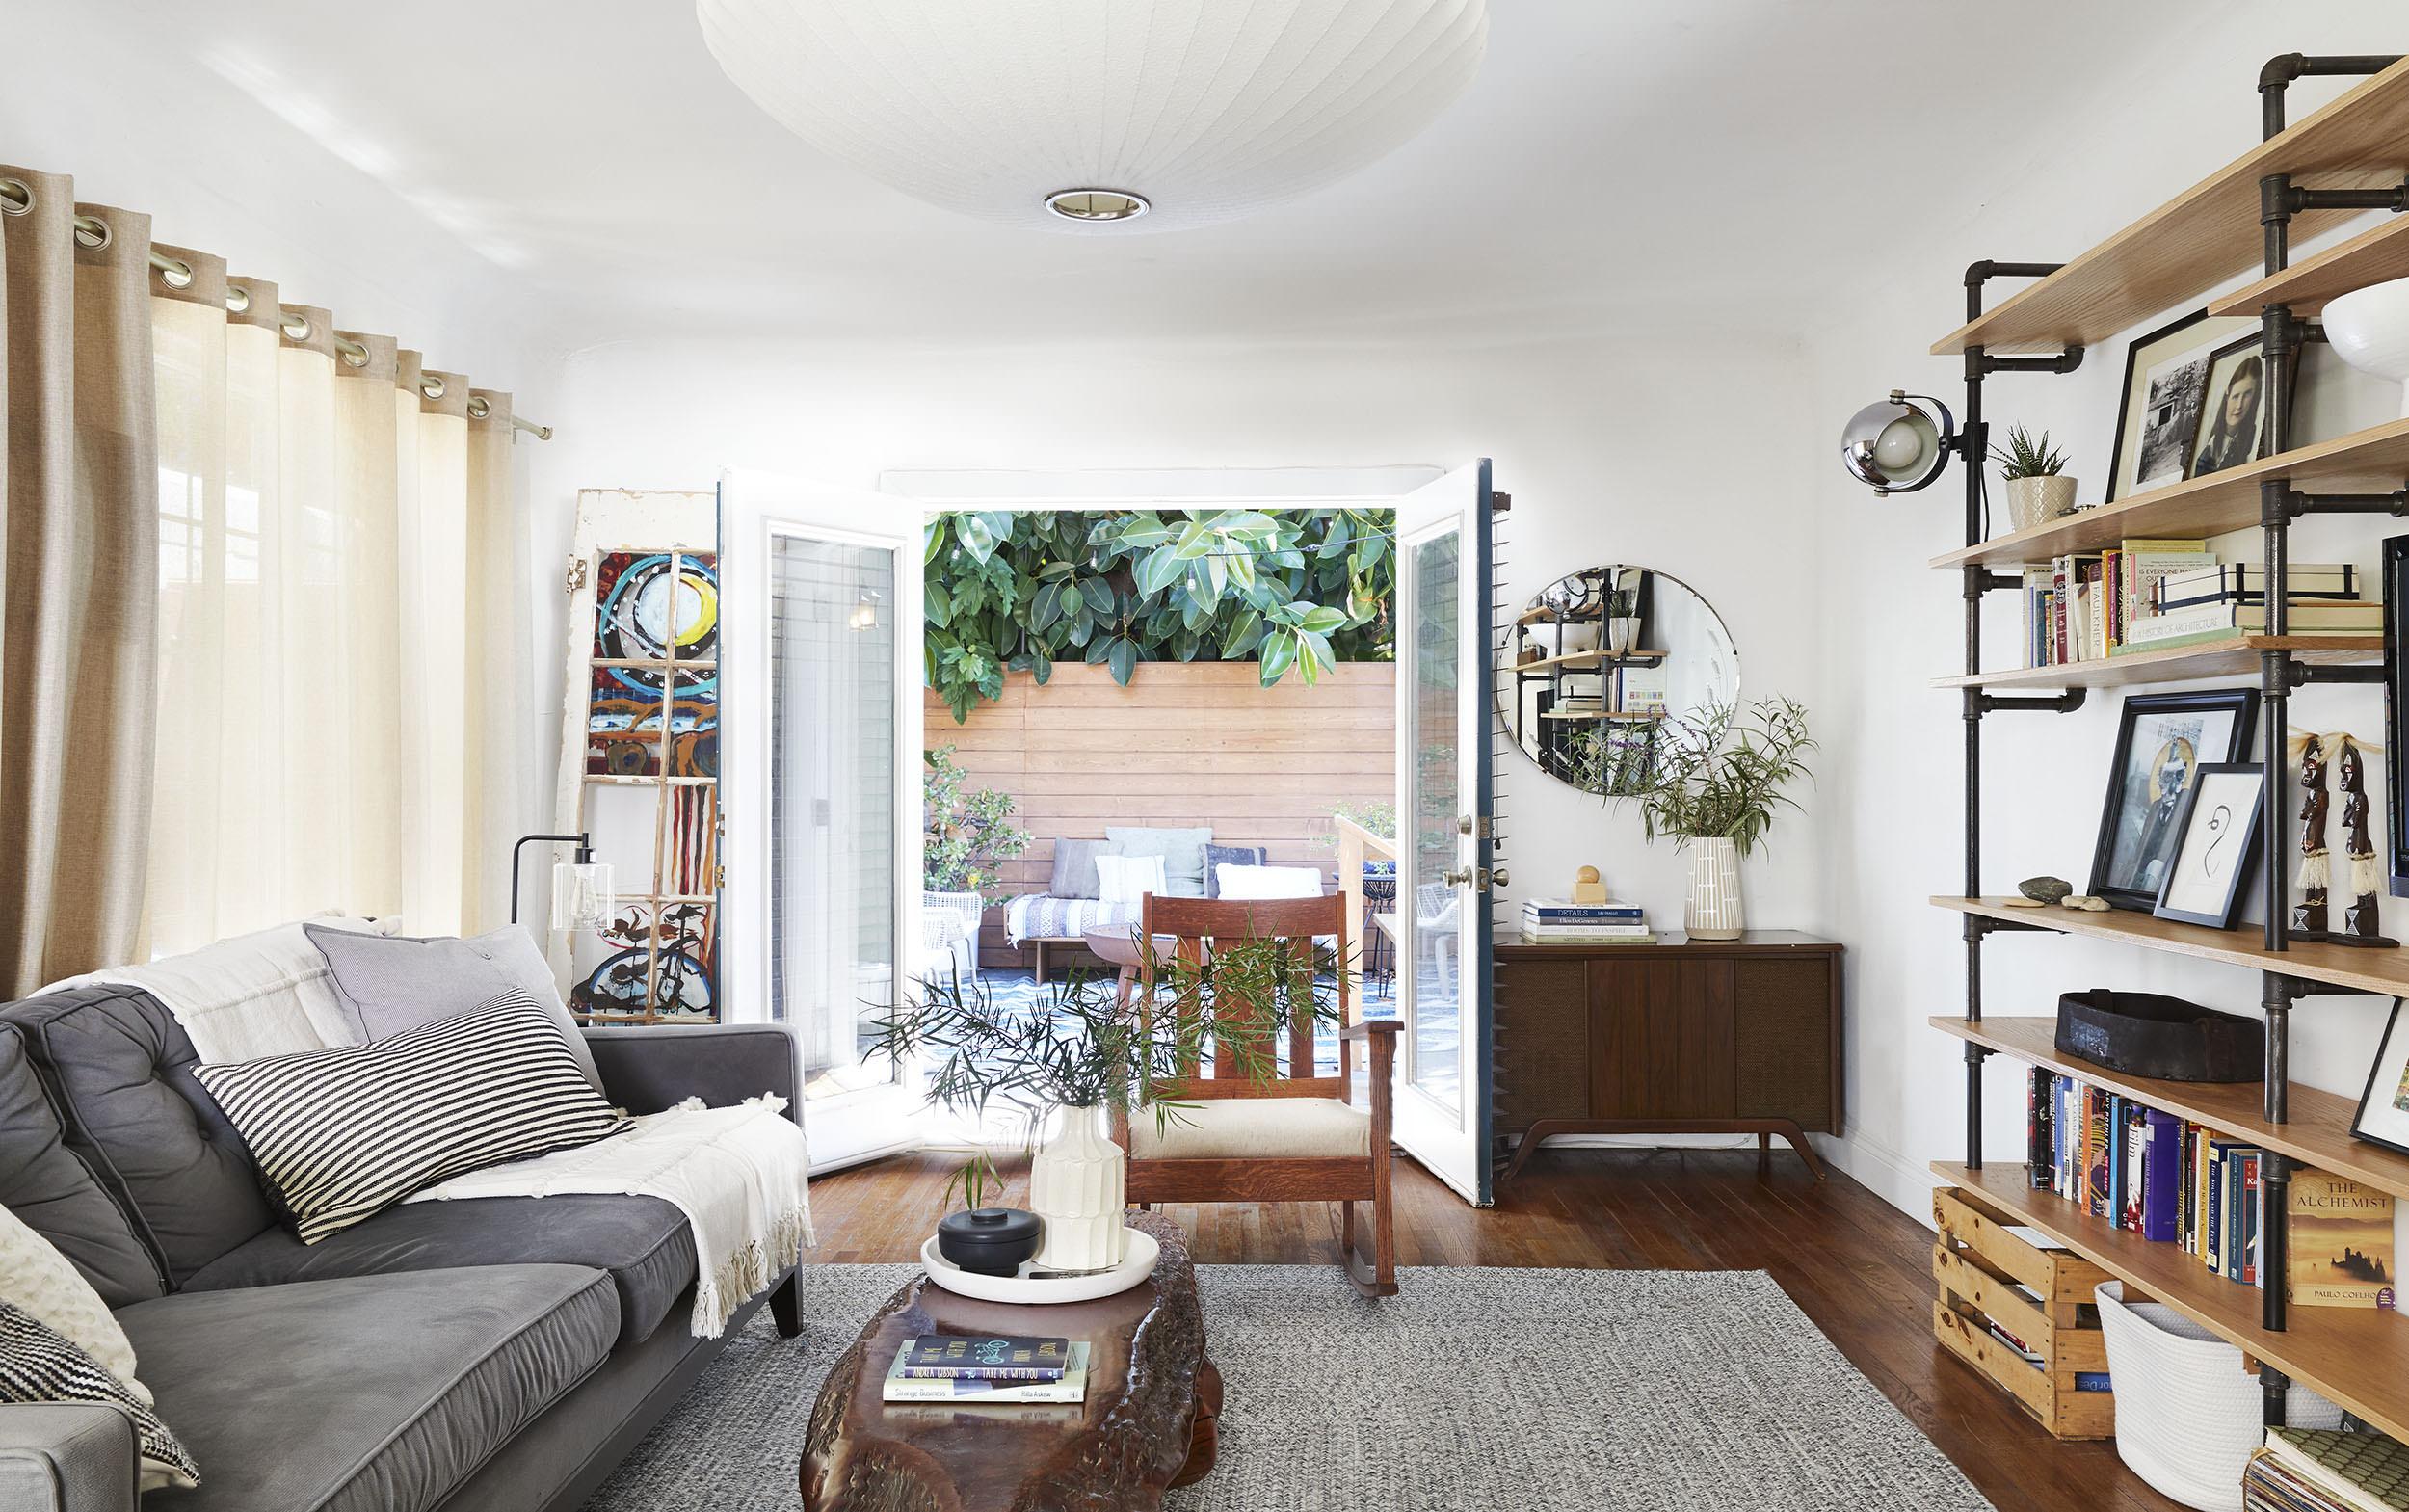 6 giải pháp tiết kiệm chi phí khi làm việc với kiến trúc sư nội thất - caza.vn